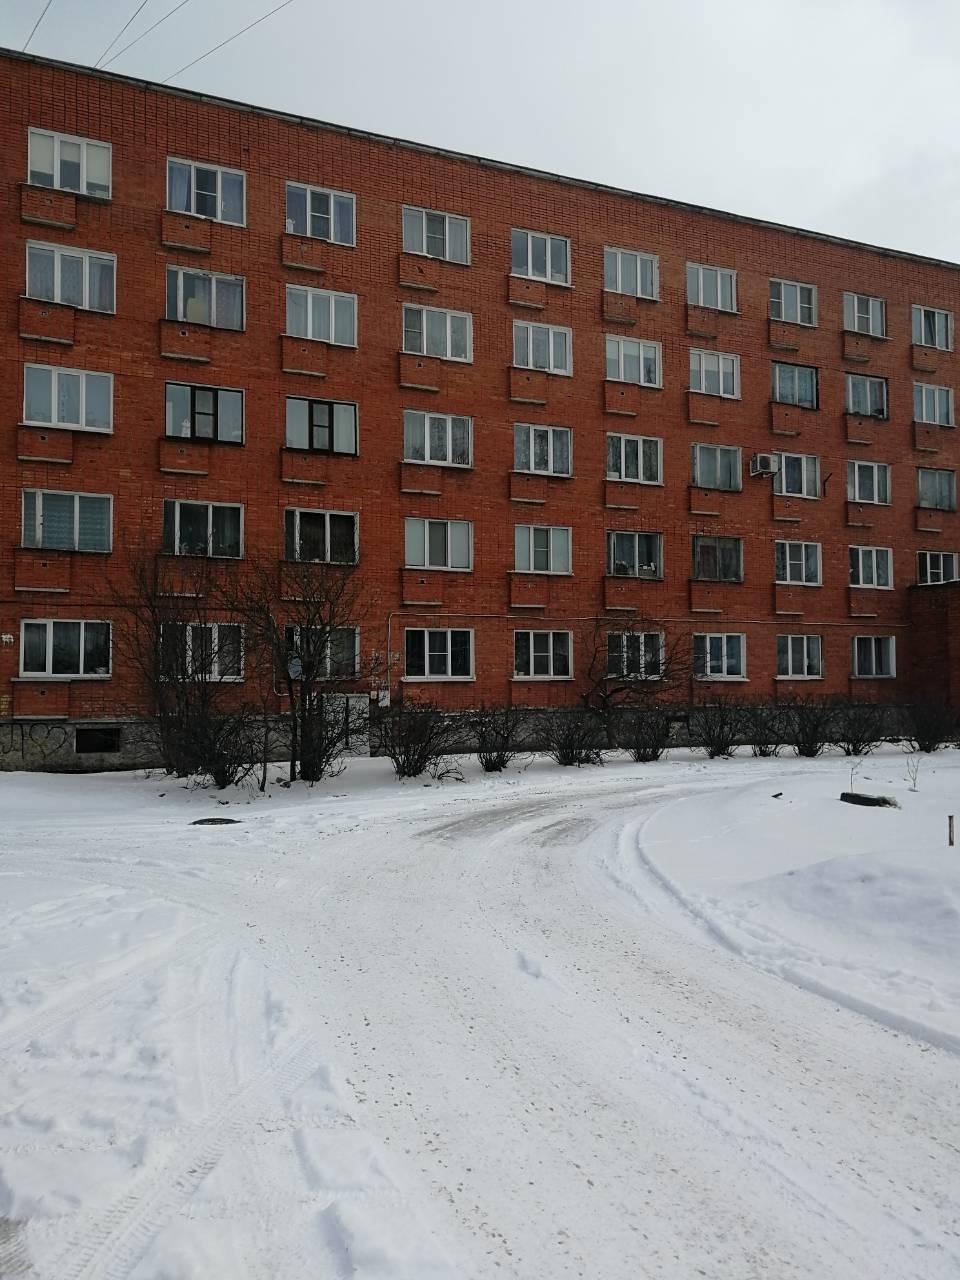 Комната 18 кв.м - Инженерная, д. 9А